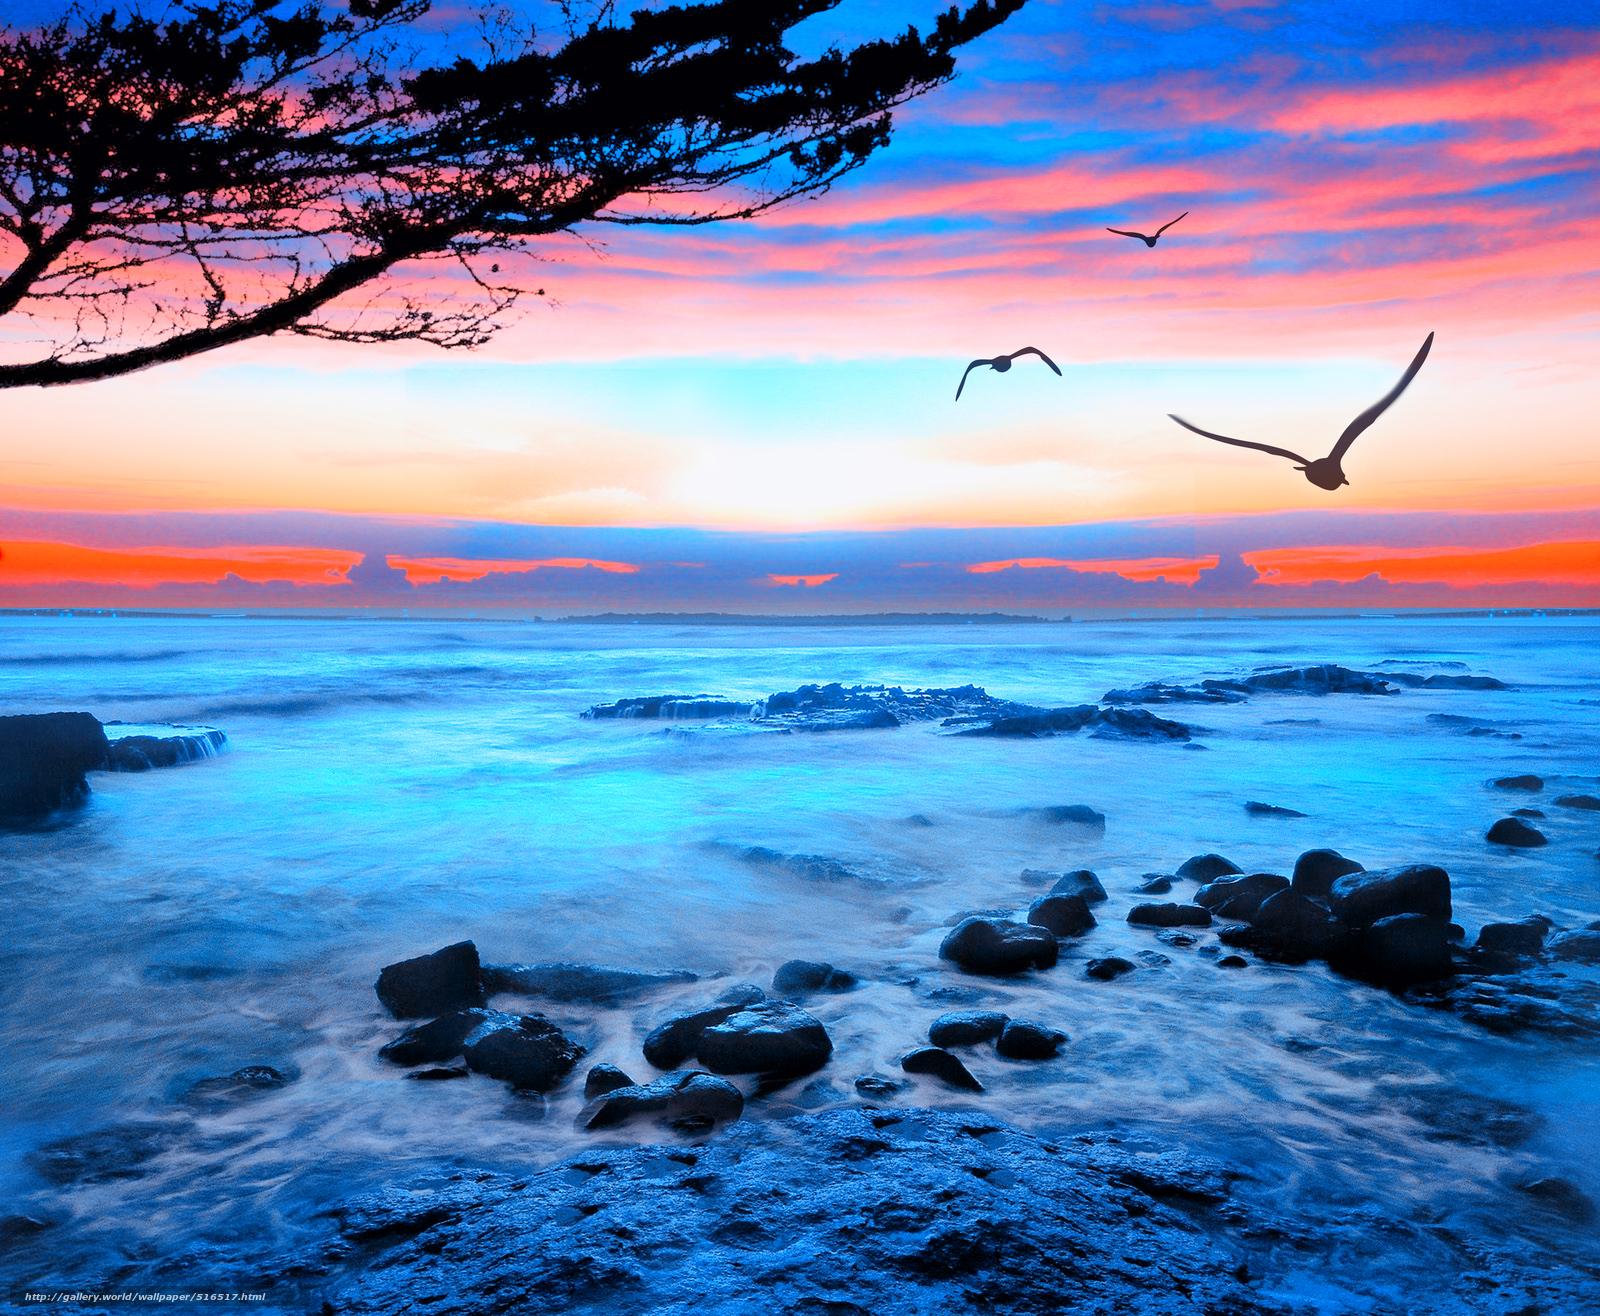 Scaricare gli sfondi tramonto mare gabbiani paesaggio for Foto mare per desktop